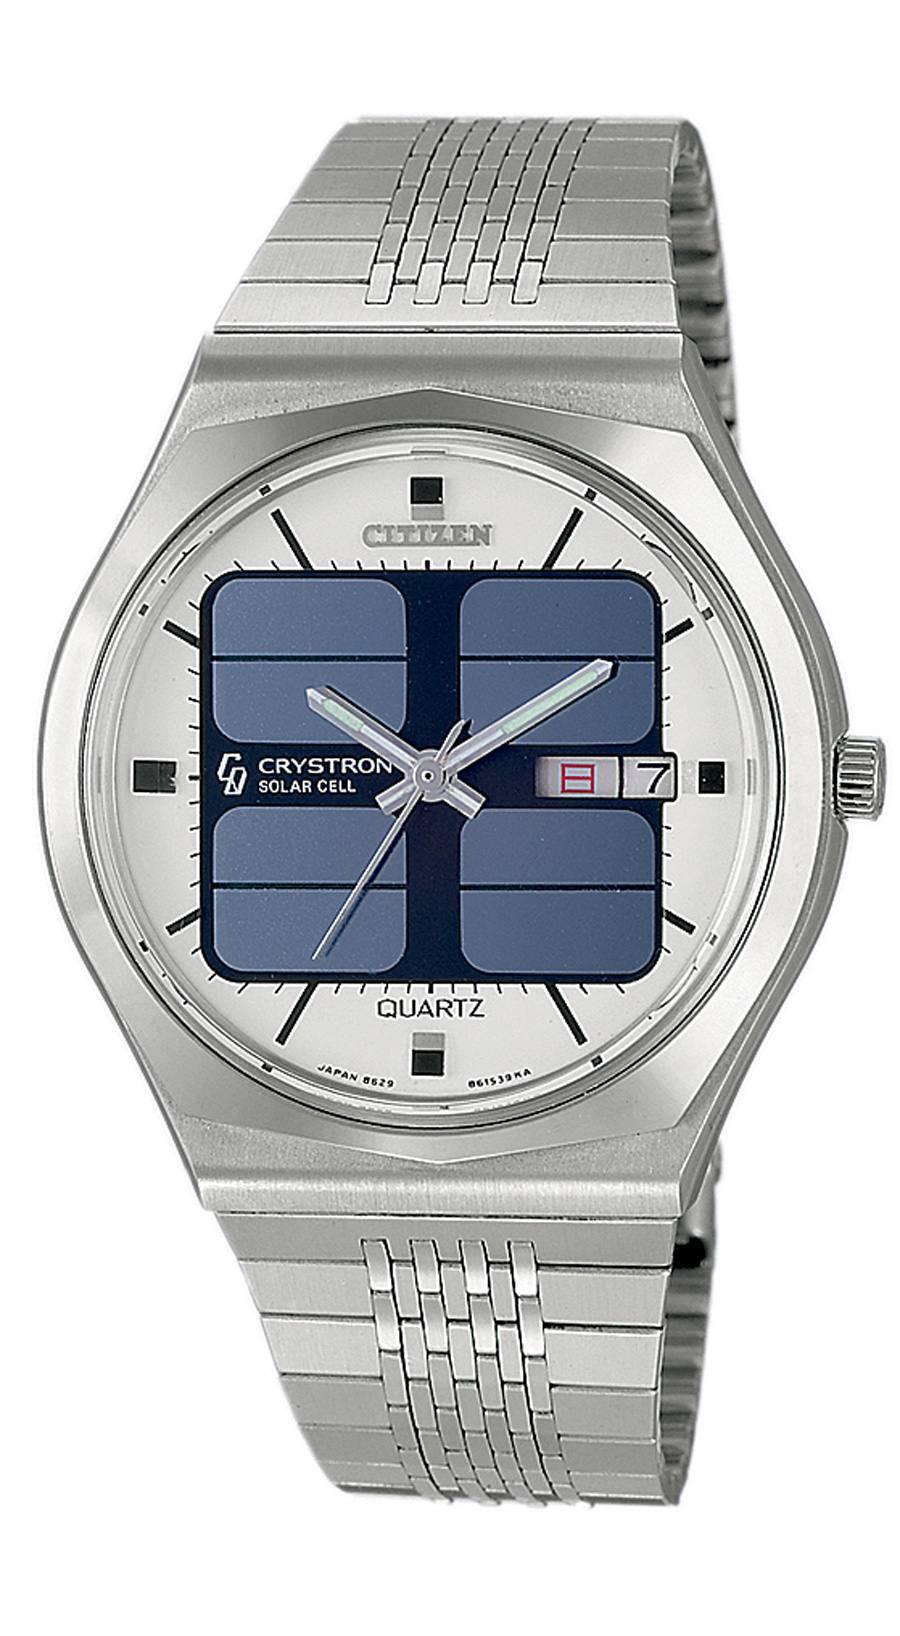 Die Citizen Crystron Solar Cell war 1976 die erste Uhr mit Solarzellen-Batterien